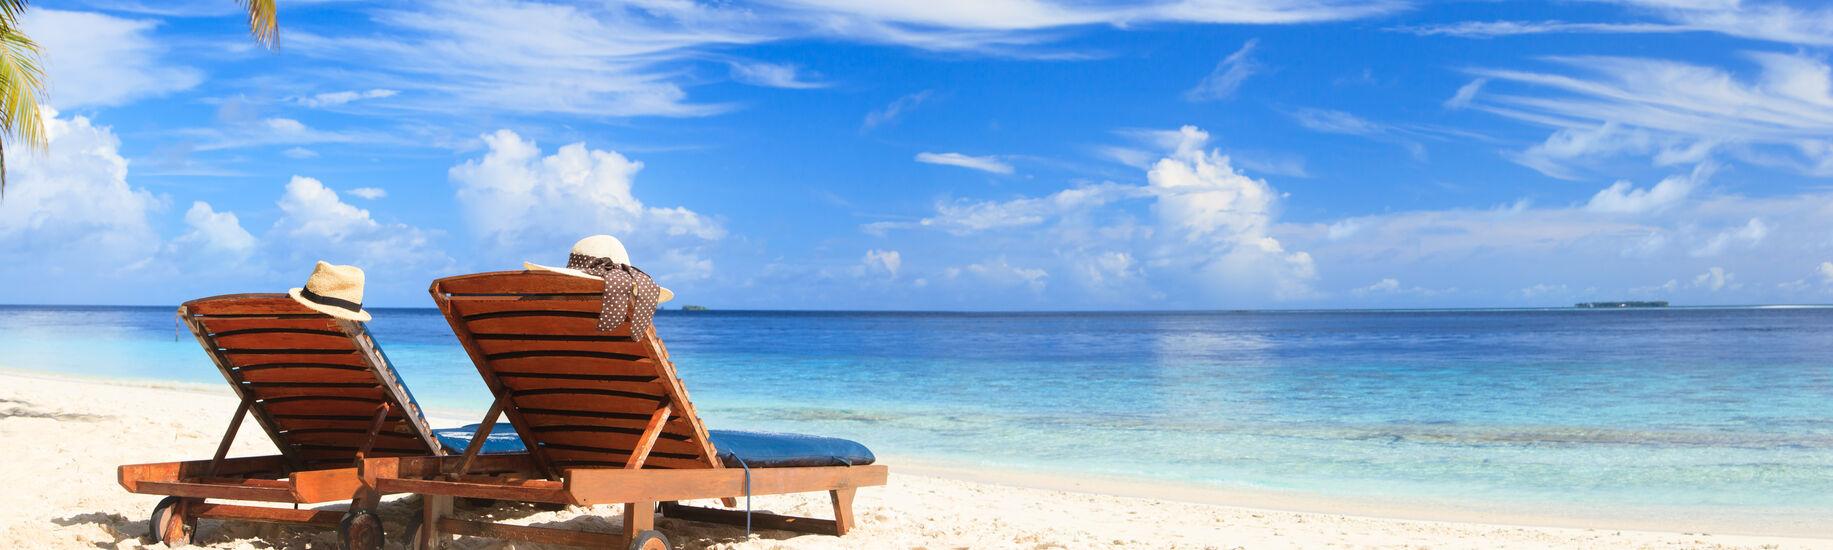 The Bahamas Romance